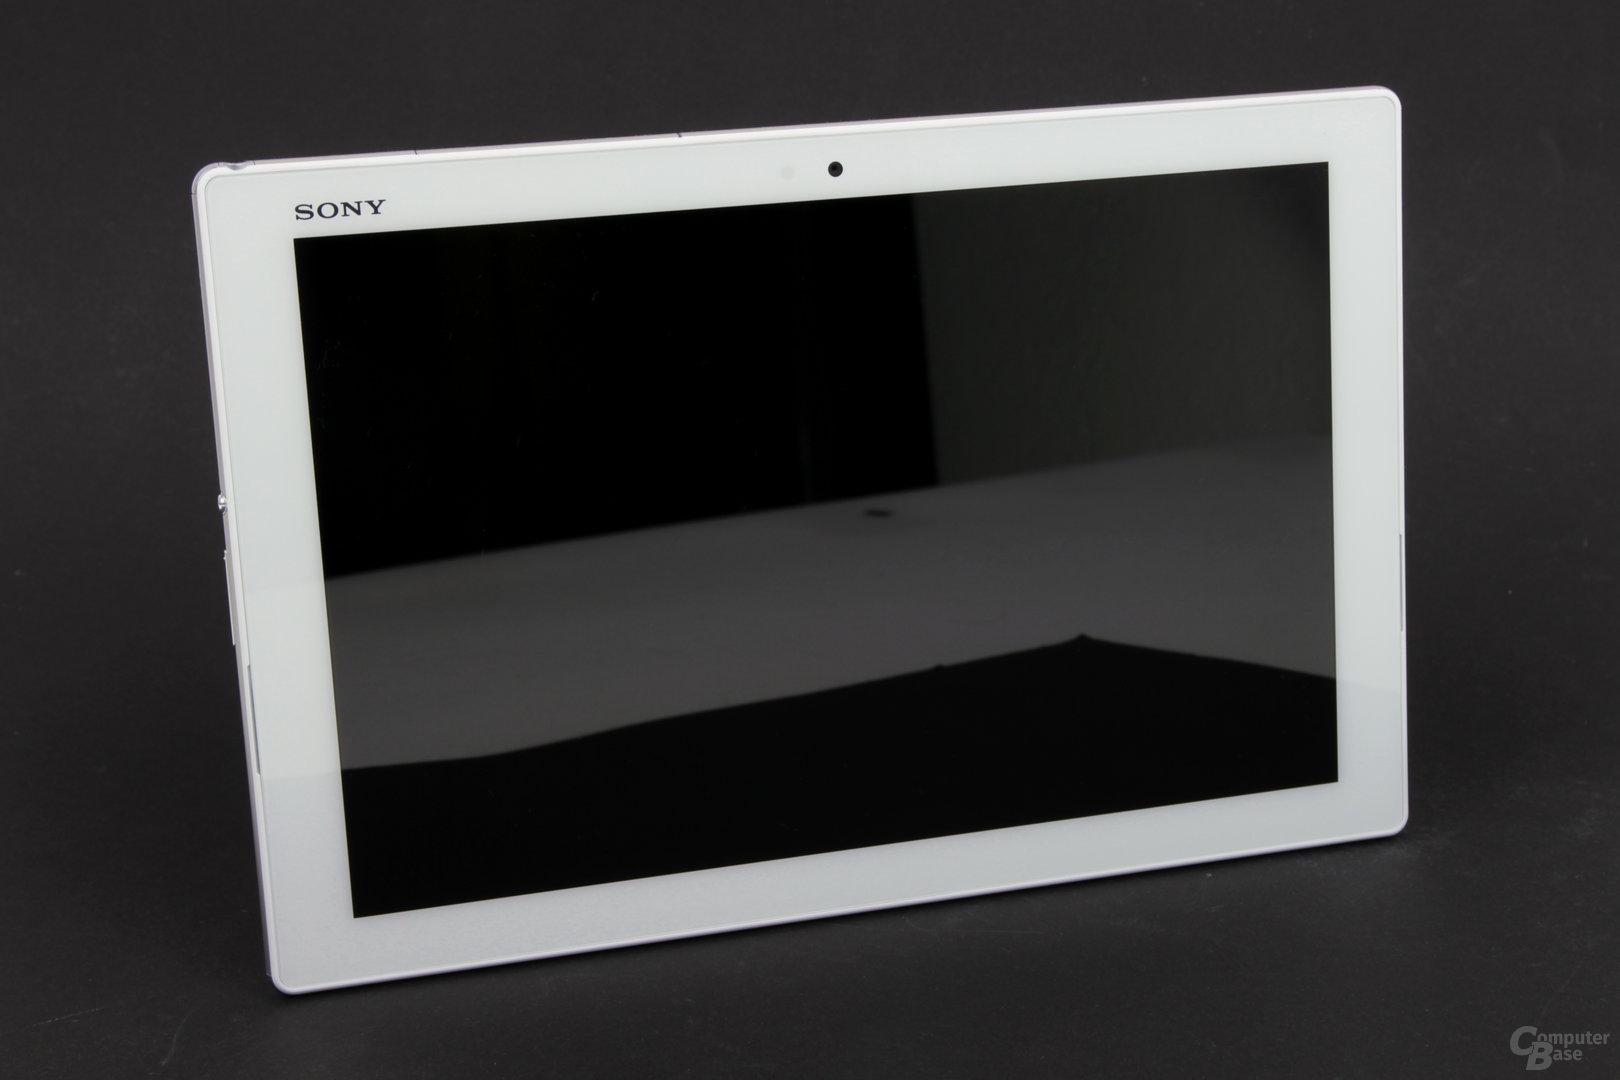 Bis auf das Sony-Logo mit sehr schlichtem Design